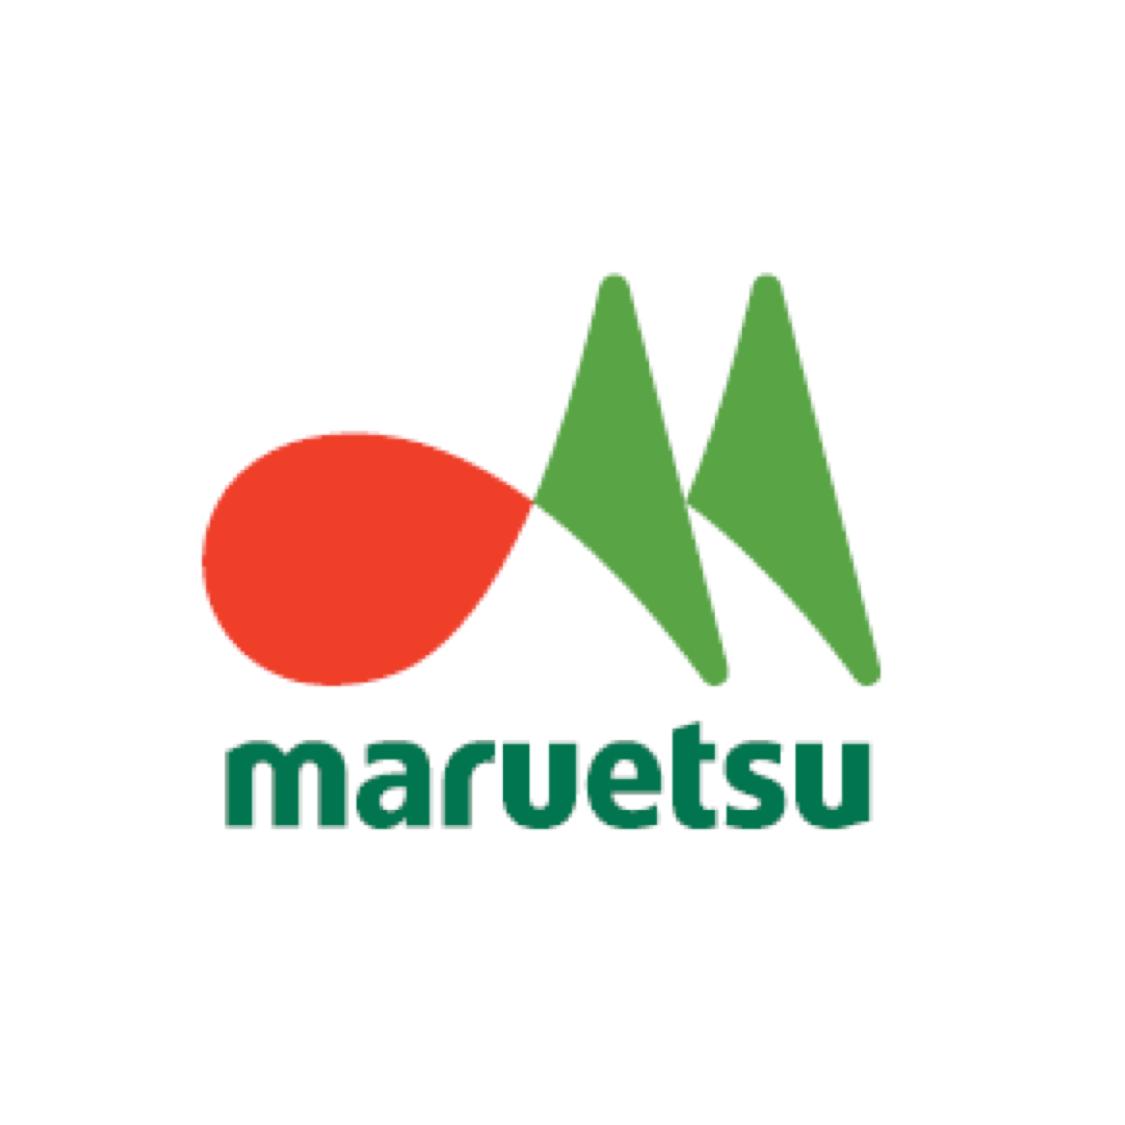 マルエツ ロゴ